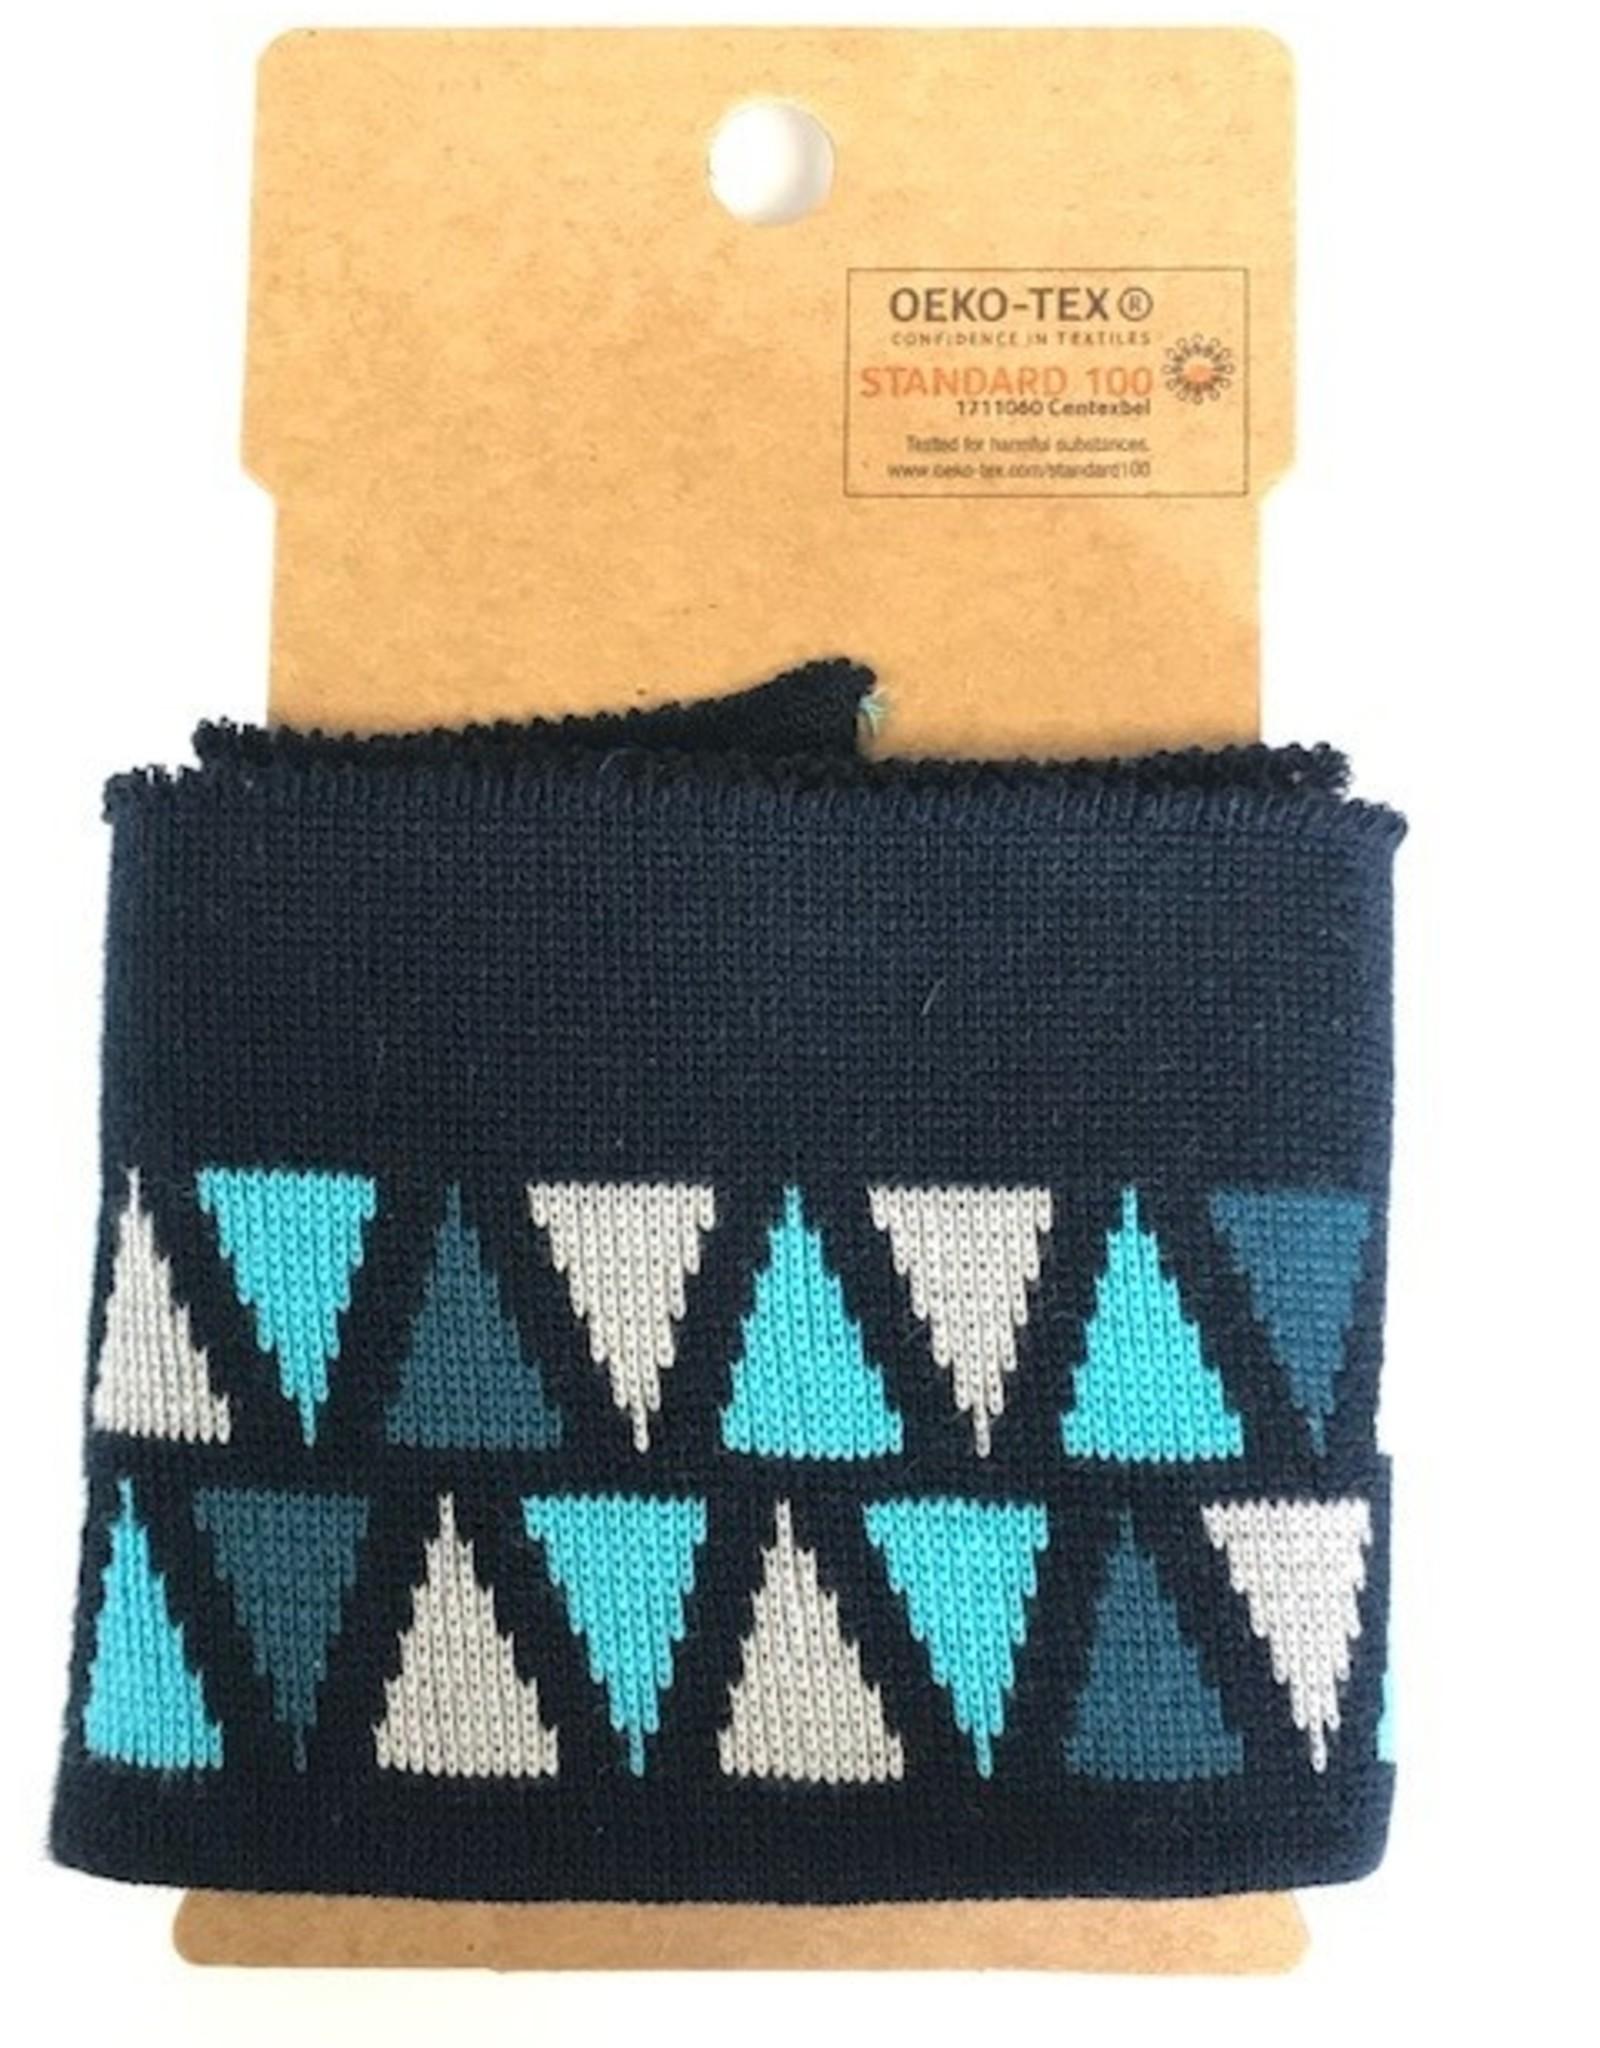 Cuffs driehoek blauw-grijs 110*7cm